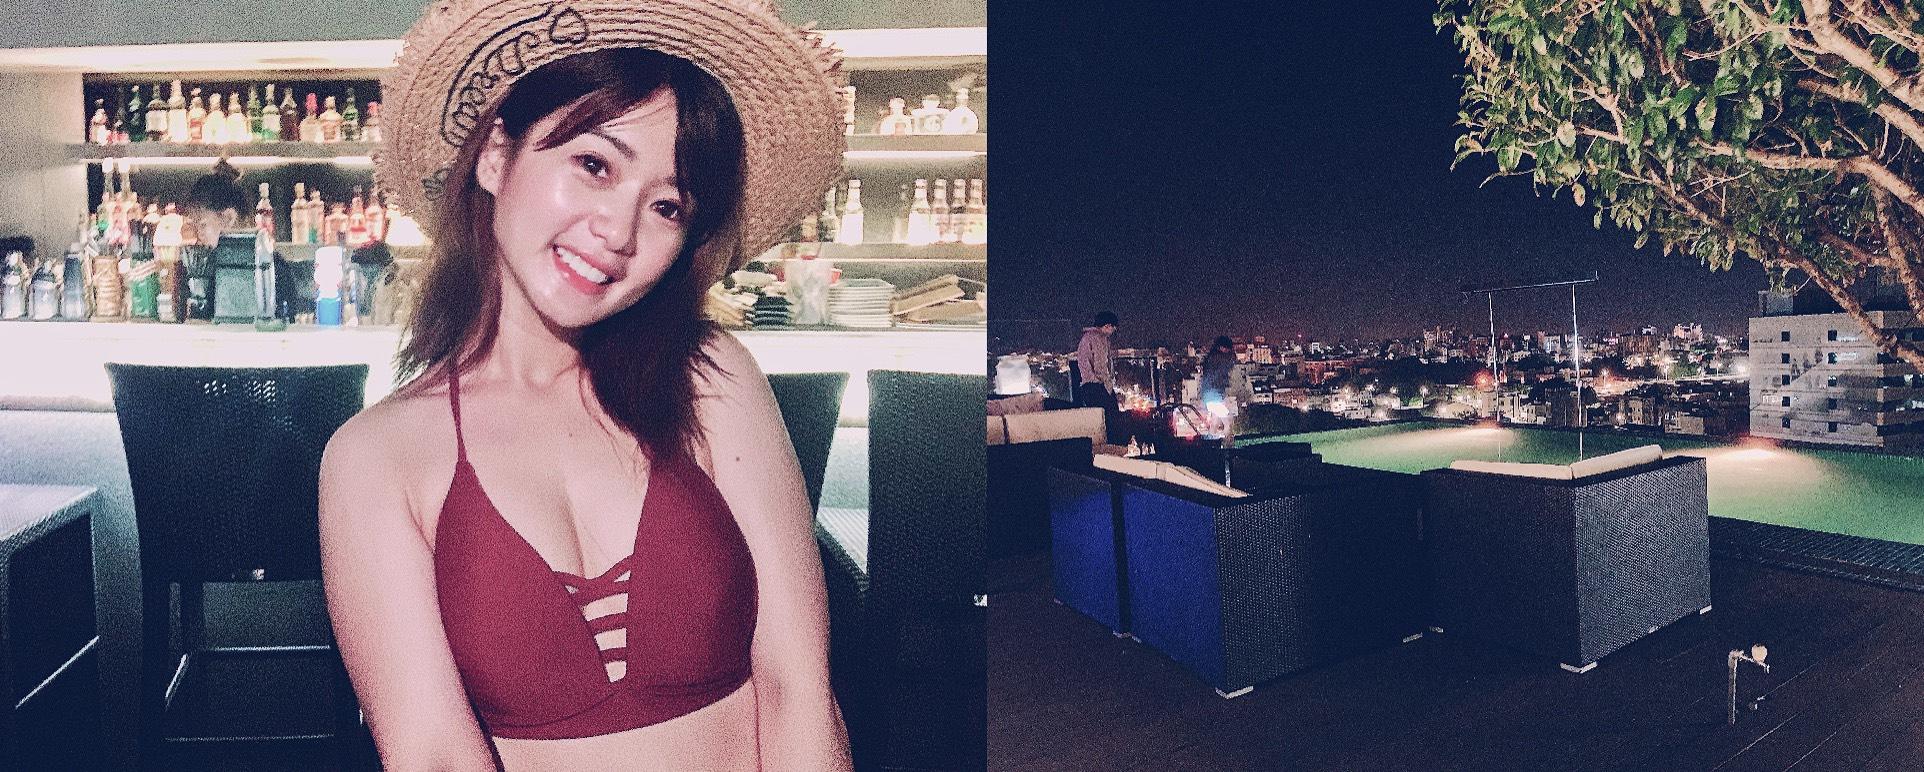 嘉義景點-超美無邊際泳池飯店酒吧!承億文旅桃城茶樣子,低消500元來拍美照囉!